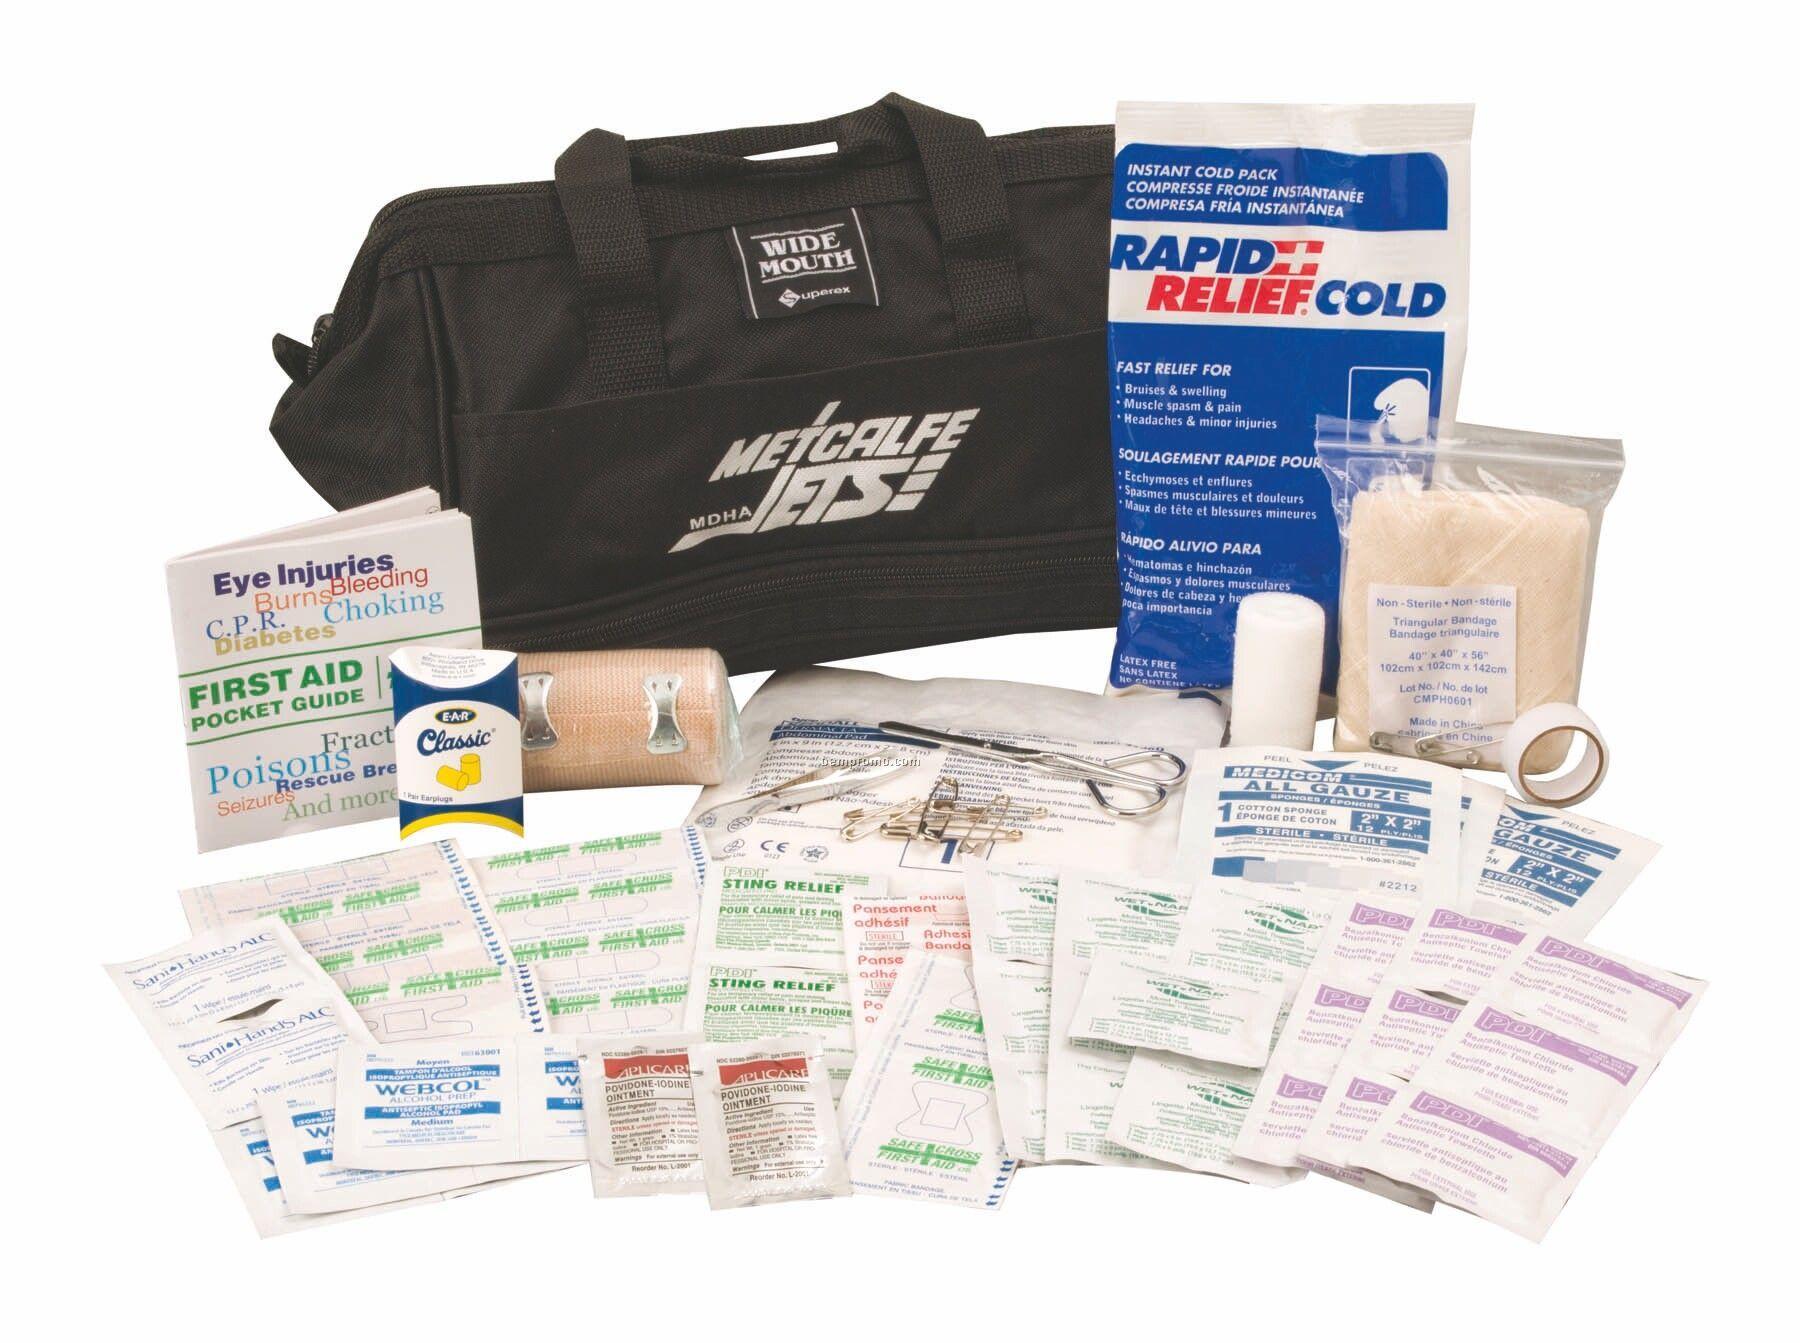 Jr. Widemouth First Aid Kit